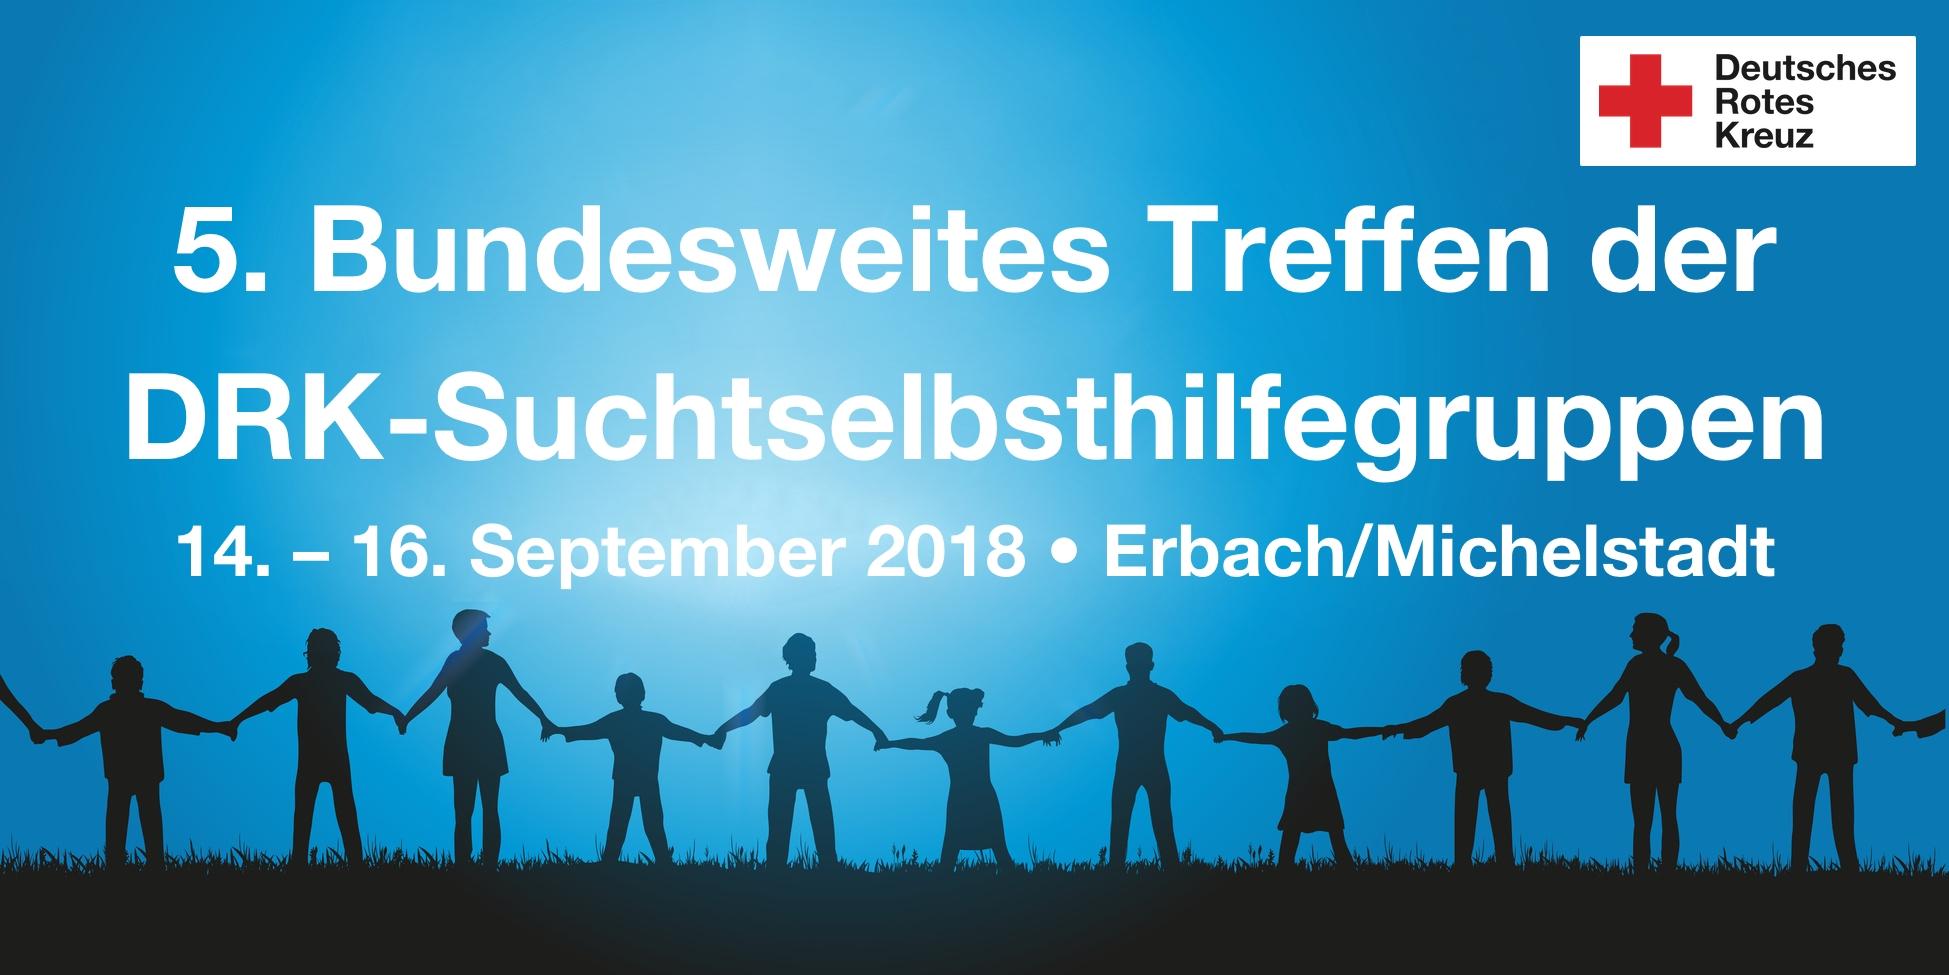 Banner des 5. Bundesweiten Treffens der DRK-Suchtselbsthilfegruppen vom 14. – 16. September 2018